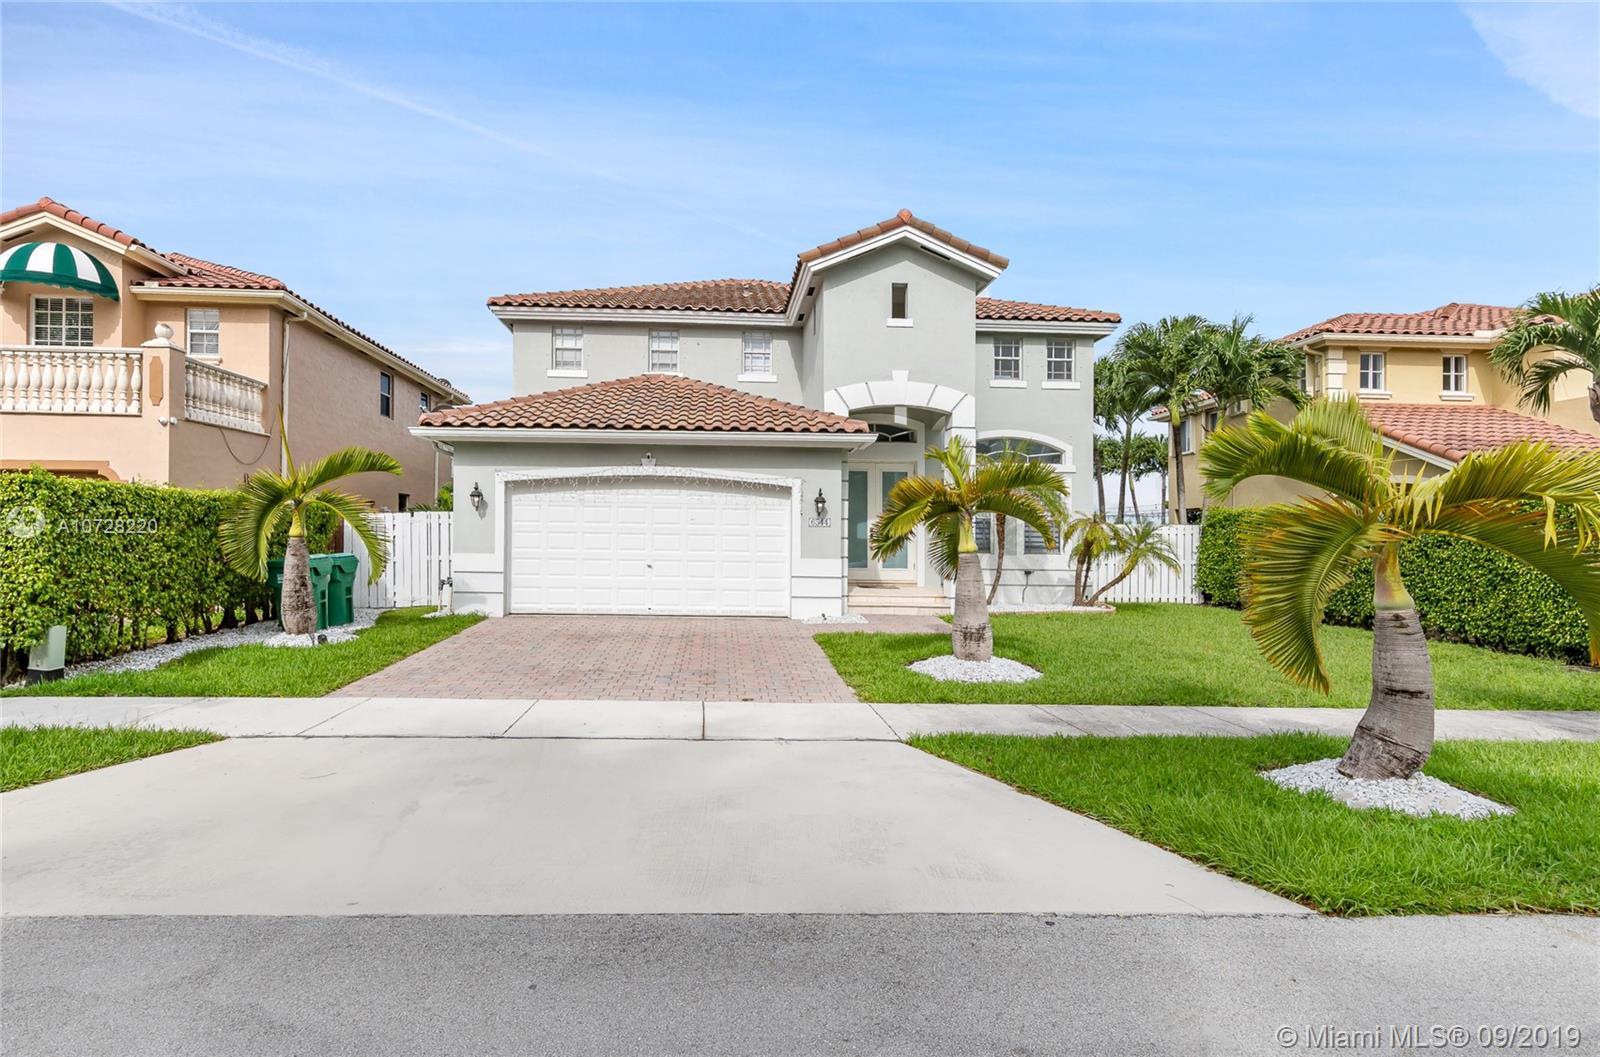 6544 SW 166th Ct, Miami, FL 33193